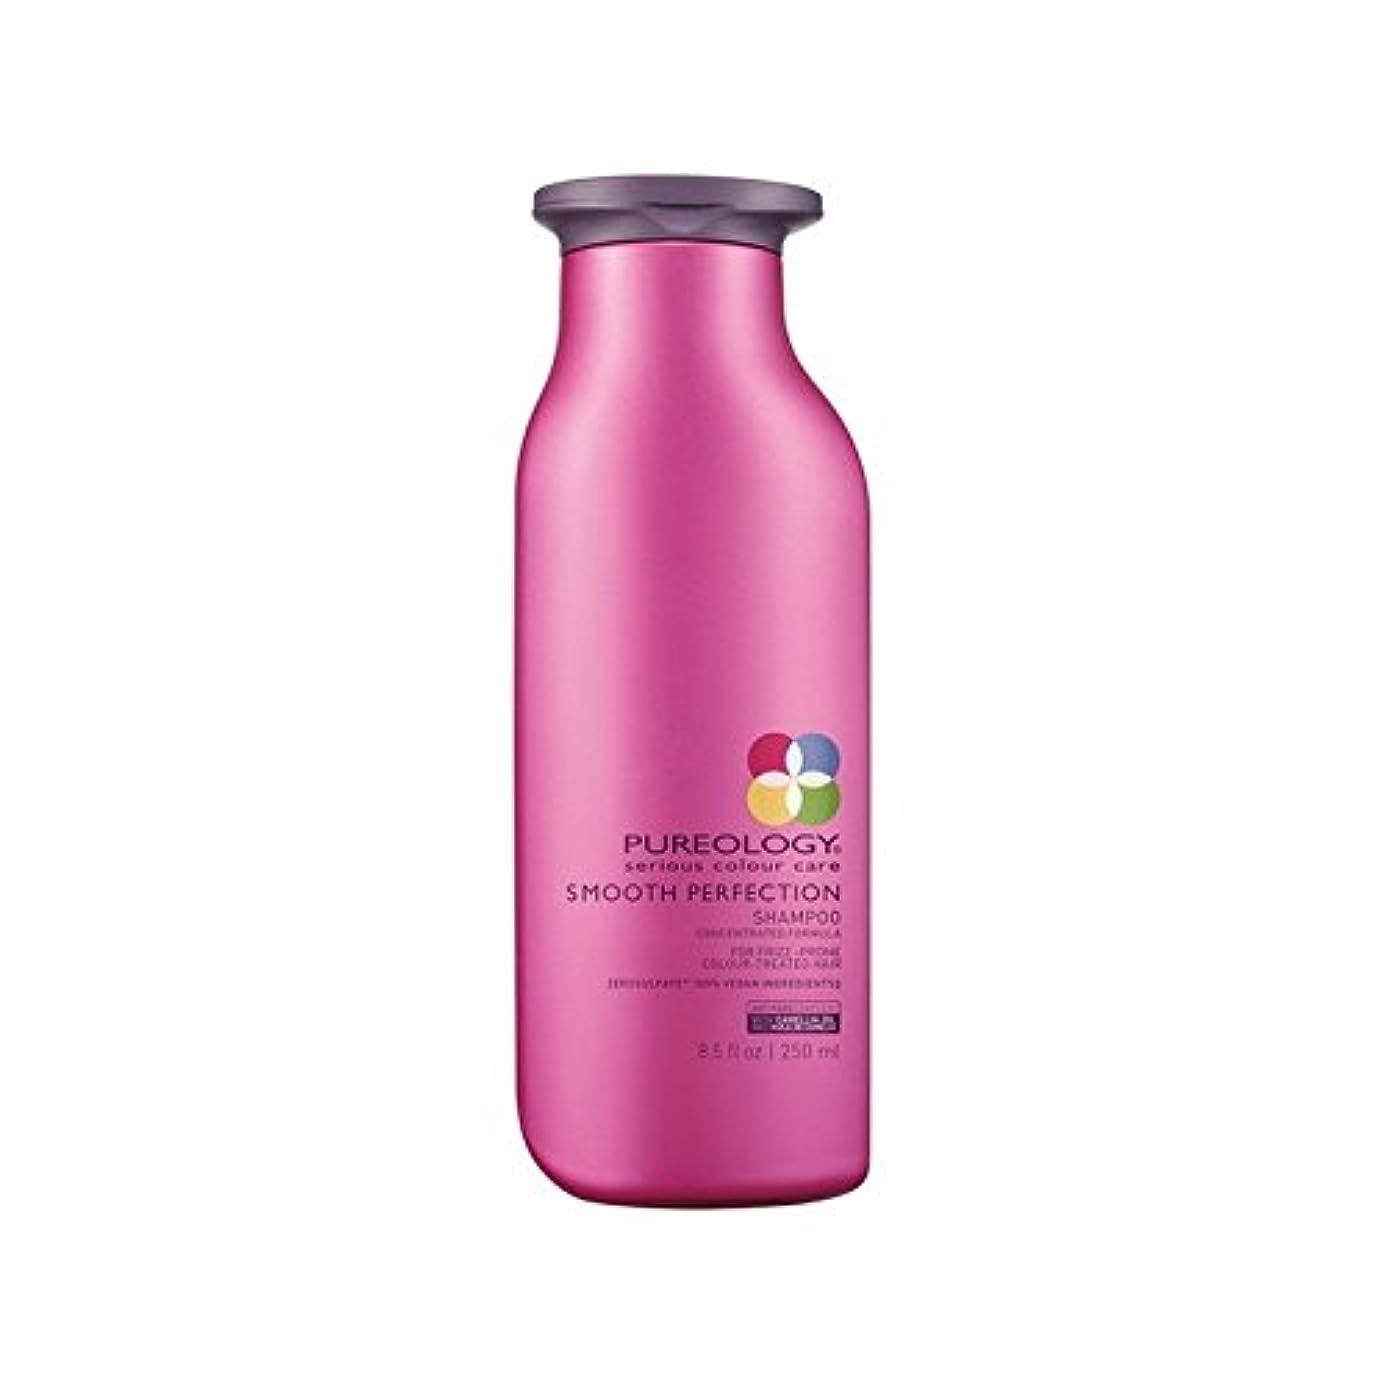 歩行者脱獄シーサイドPureology Smooth Perfection Shampoo (250ml) - 平滑完全シャンプー(250ミリリットル) [並行輸入品]